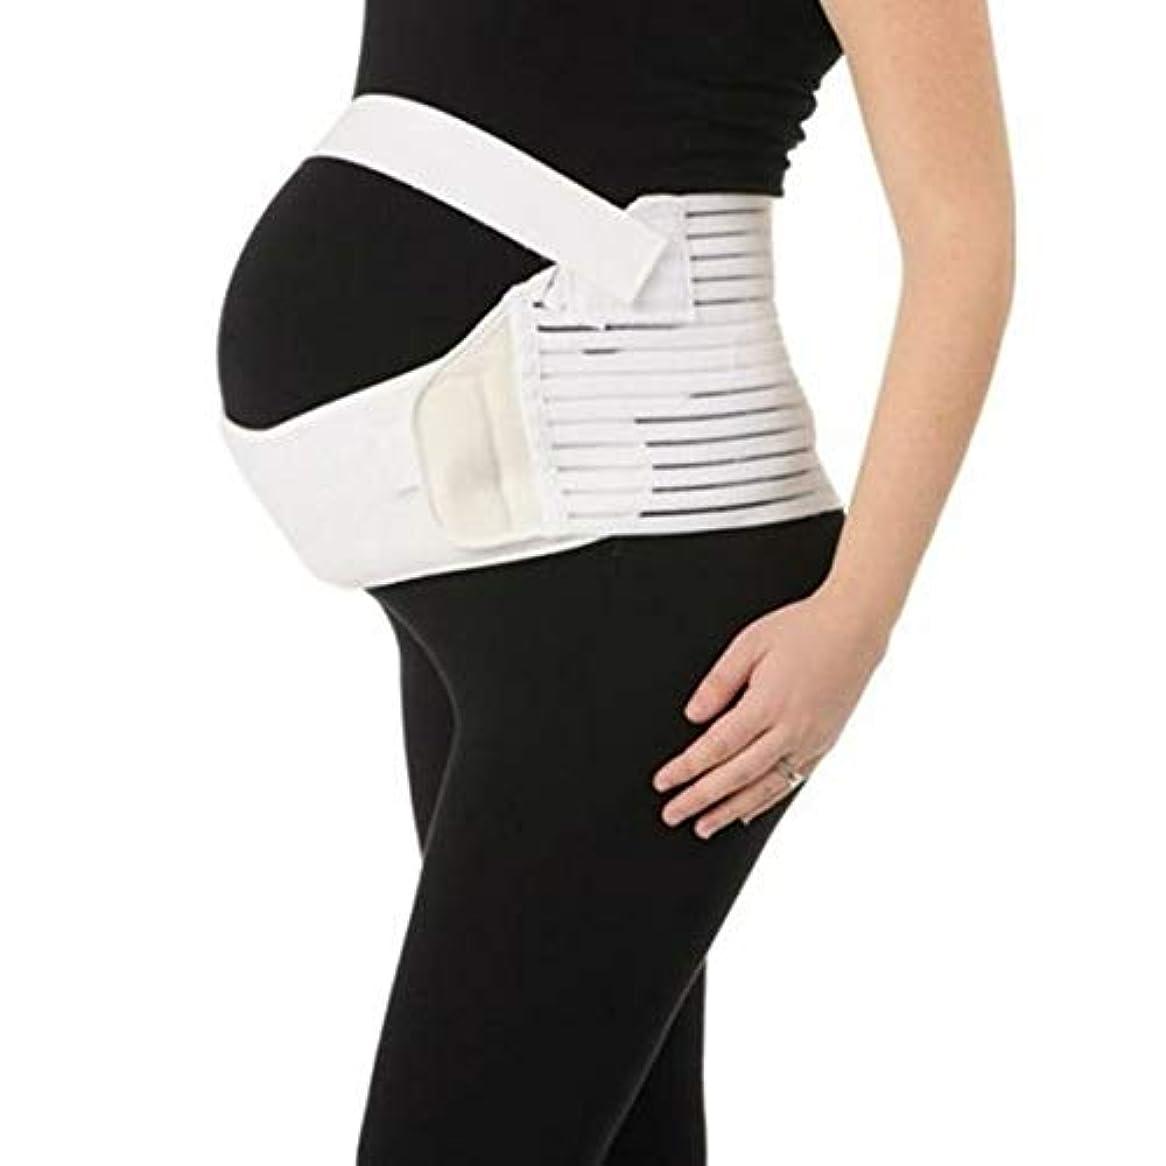 偽ヒョウ共感する通気性マタニティベルト妊娠腹部サポート腹部バインダーガードル運動包帯産後の回復shapewear - ホワイトL